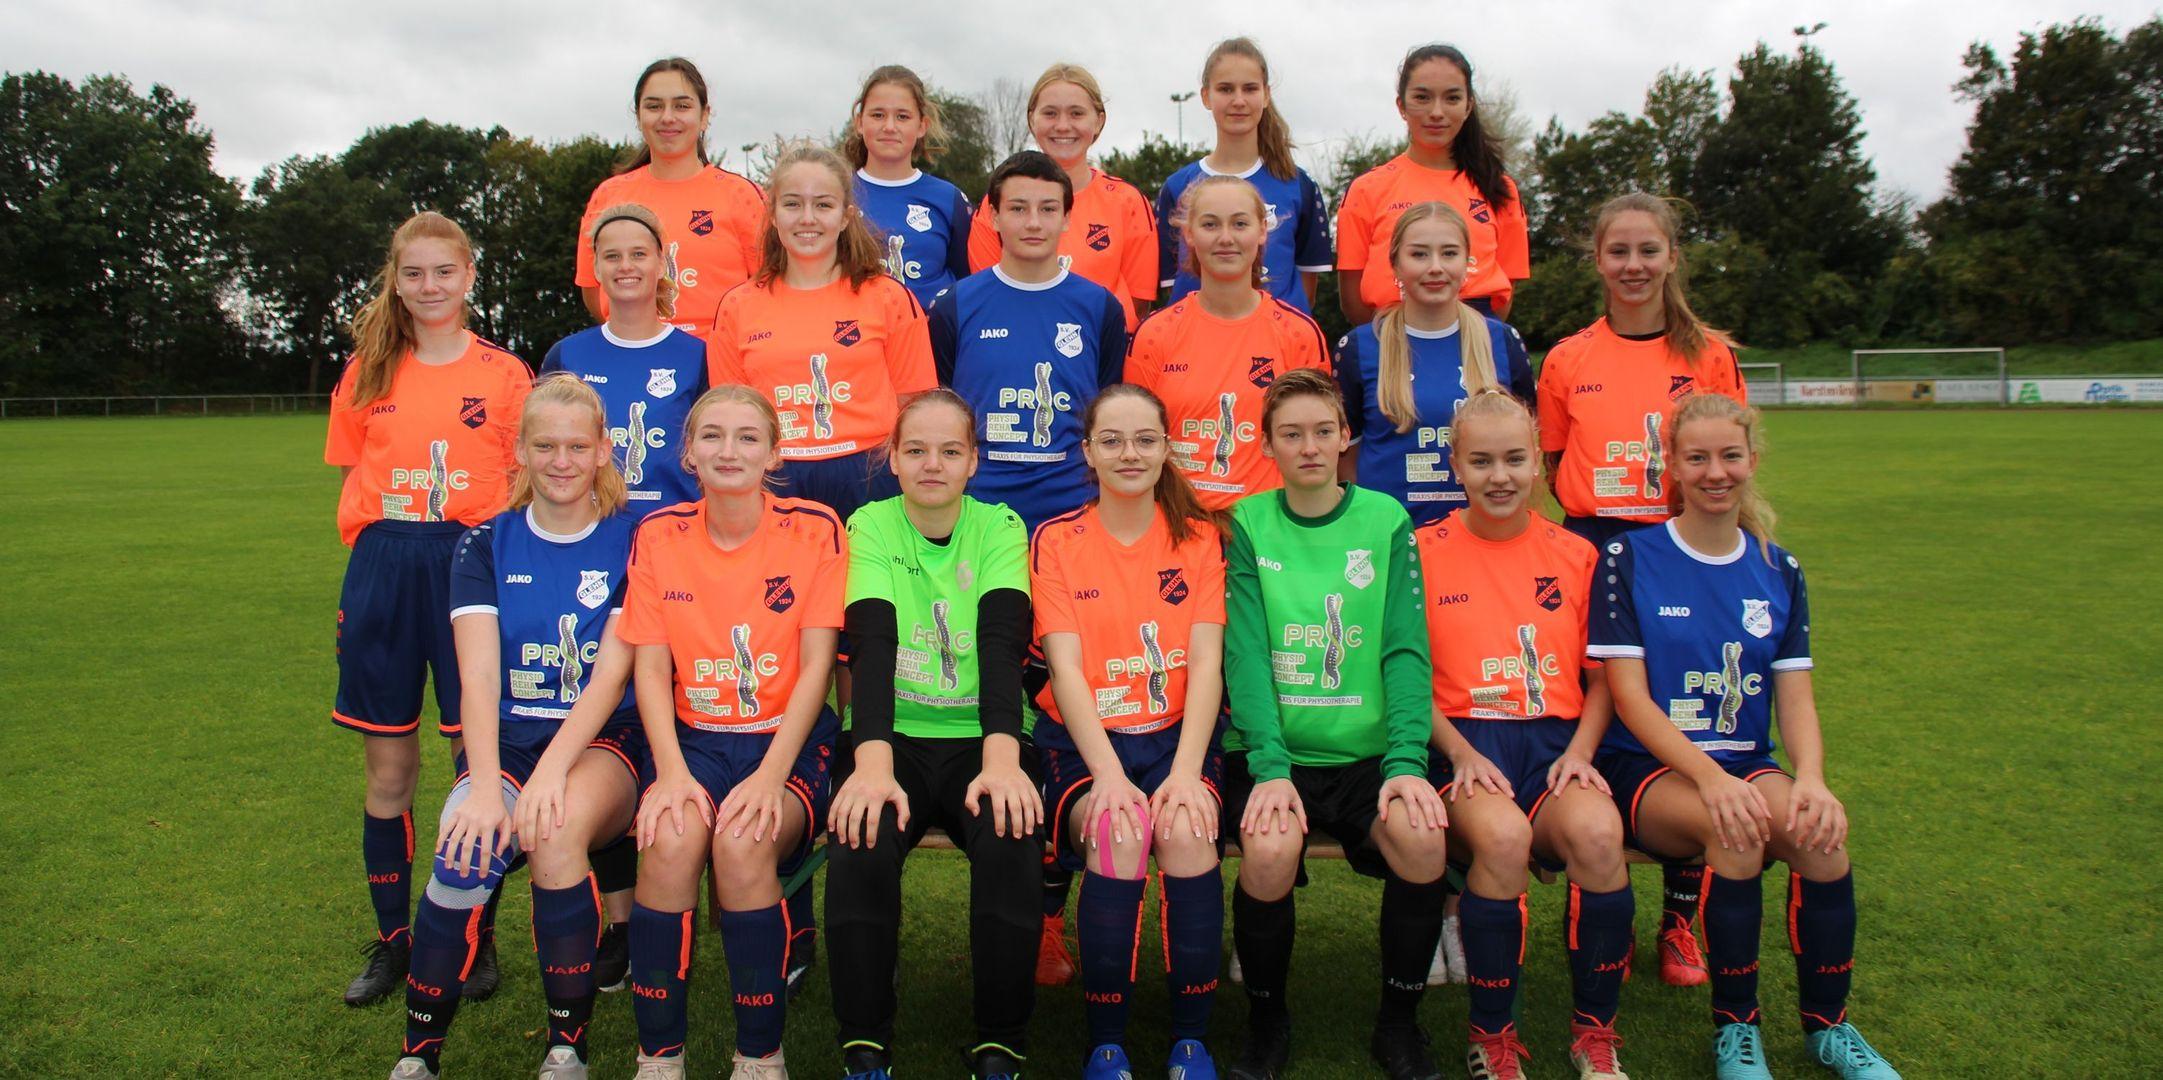 U17-Juniorinnen - Zur Mannschaft